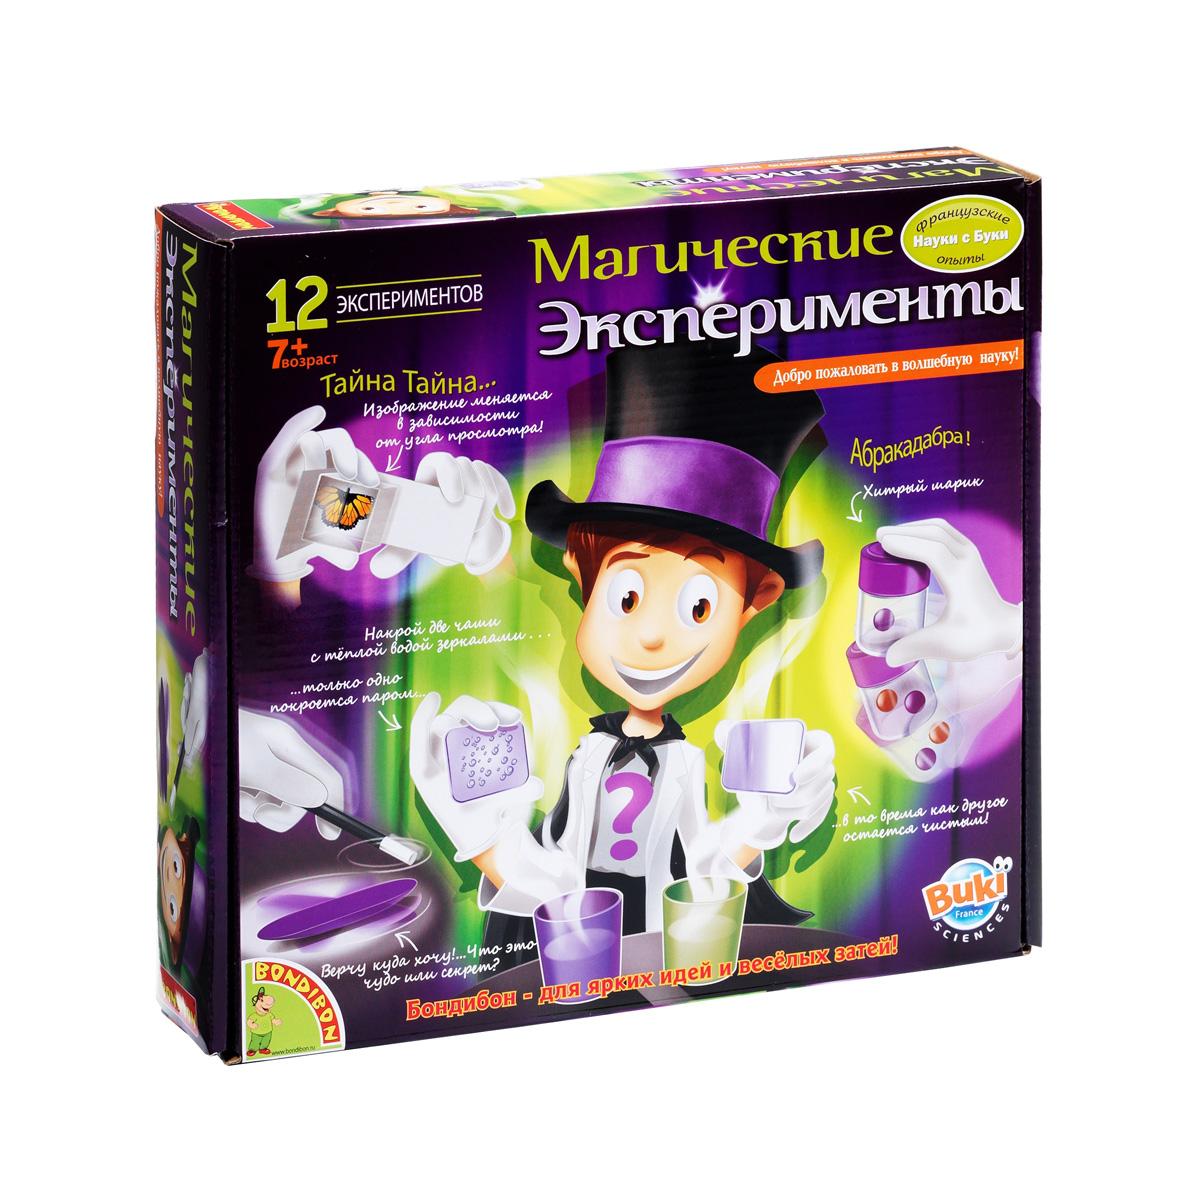 Французские опыты Науки с Буки BONDIBON (12 экспериментов) Магические эксперименты<br>